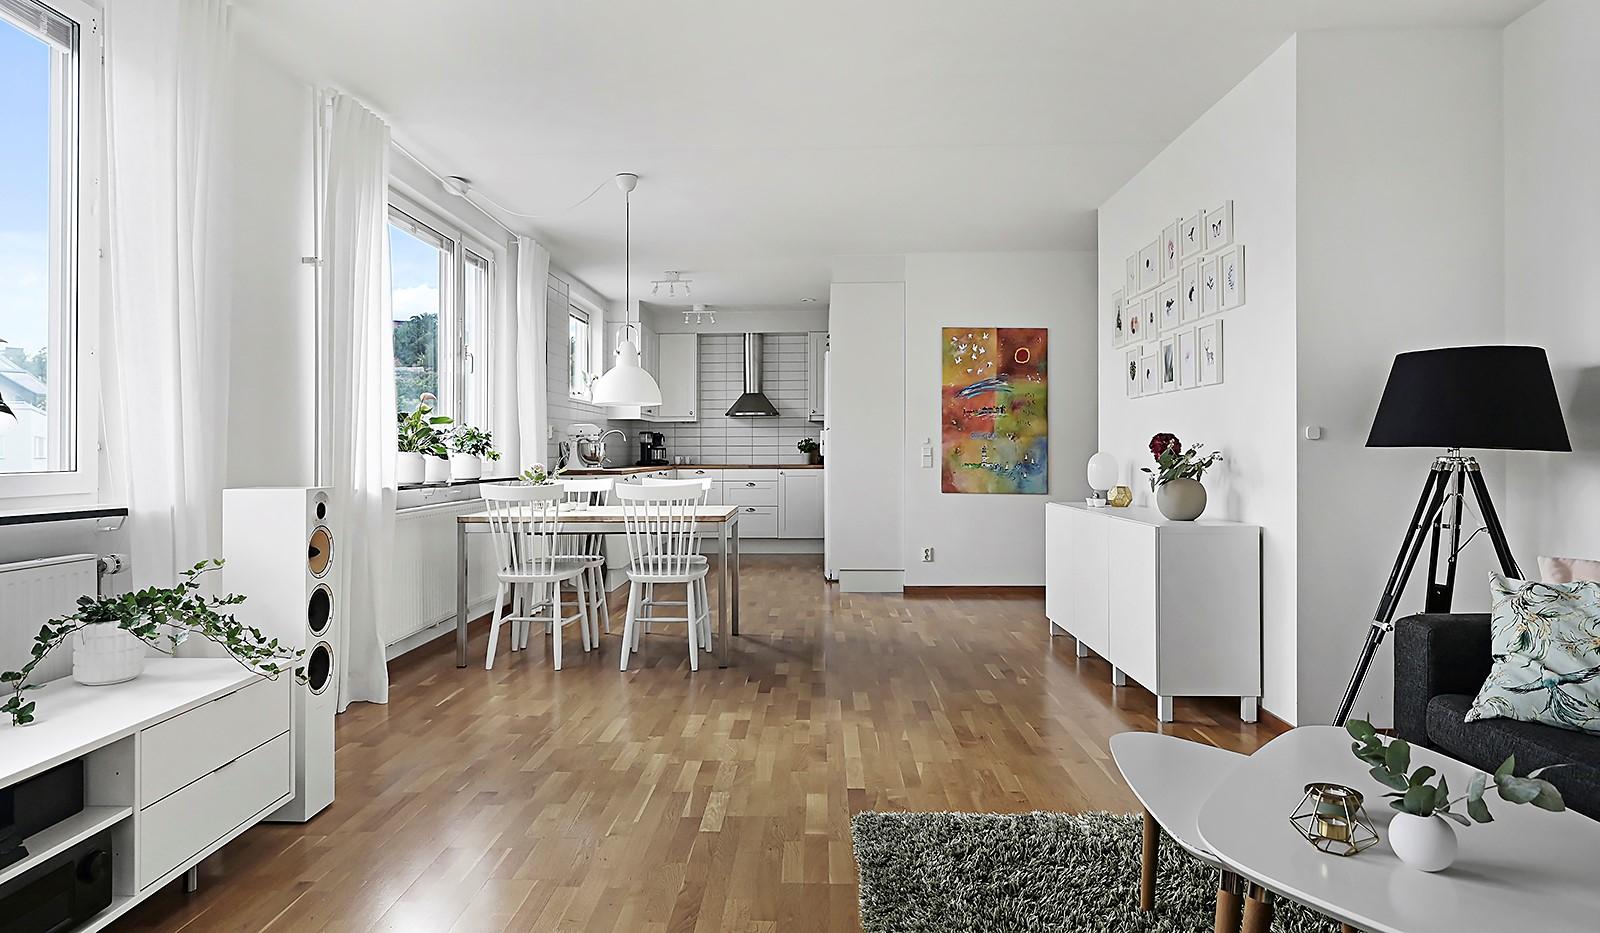 Grönbrinksgatan 8, 6 tr - Öppen planlösning mellan vardagsrum och kök